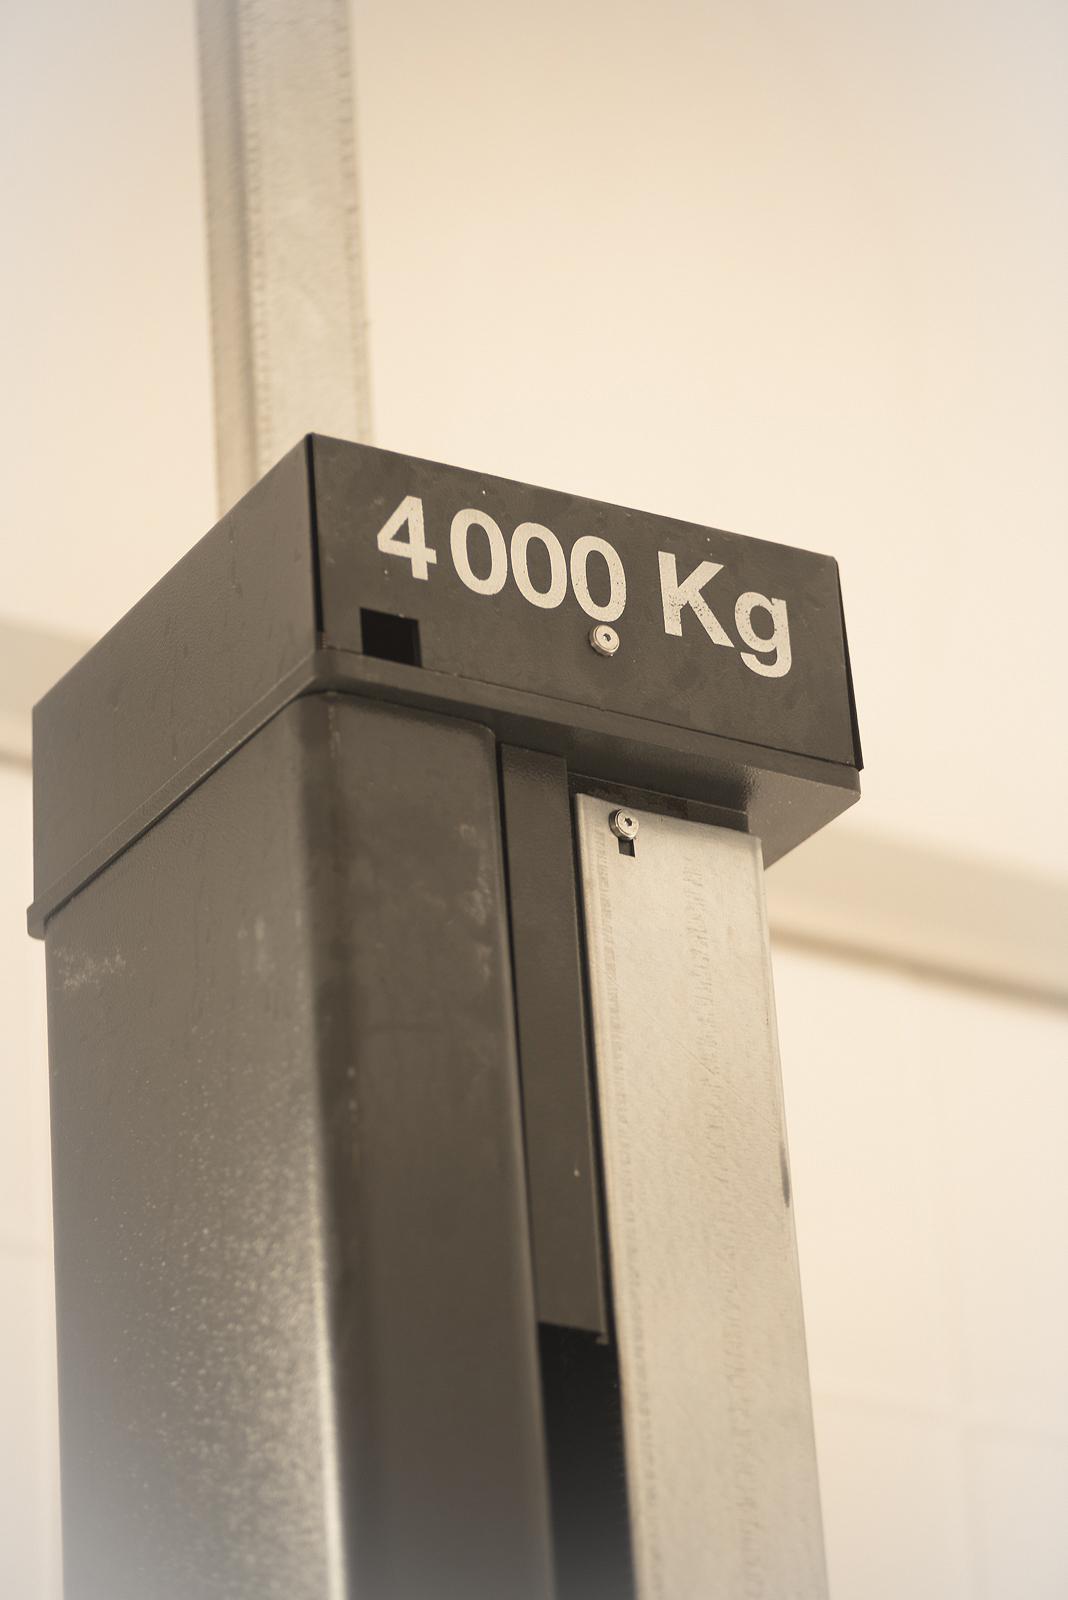 Bühne mit 4000kg Traglast!